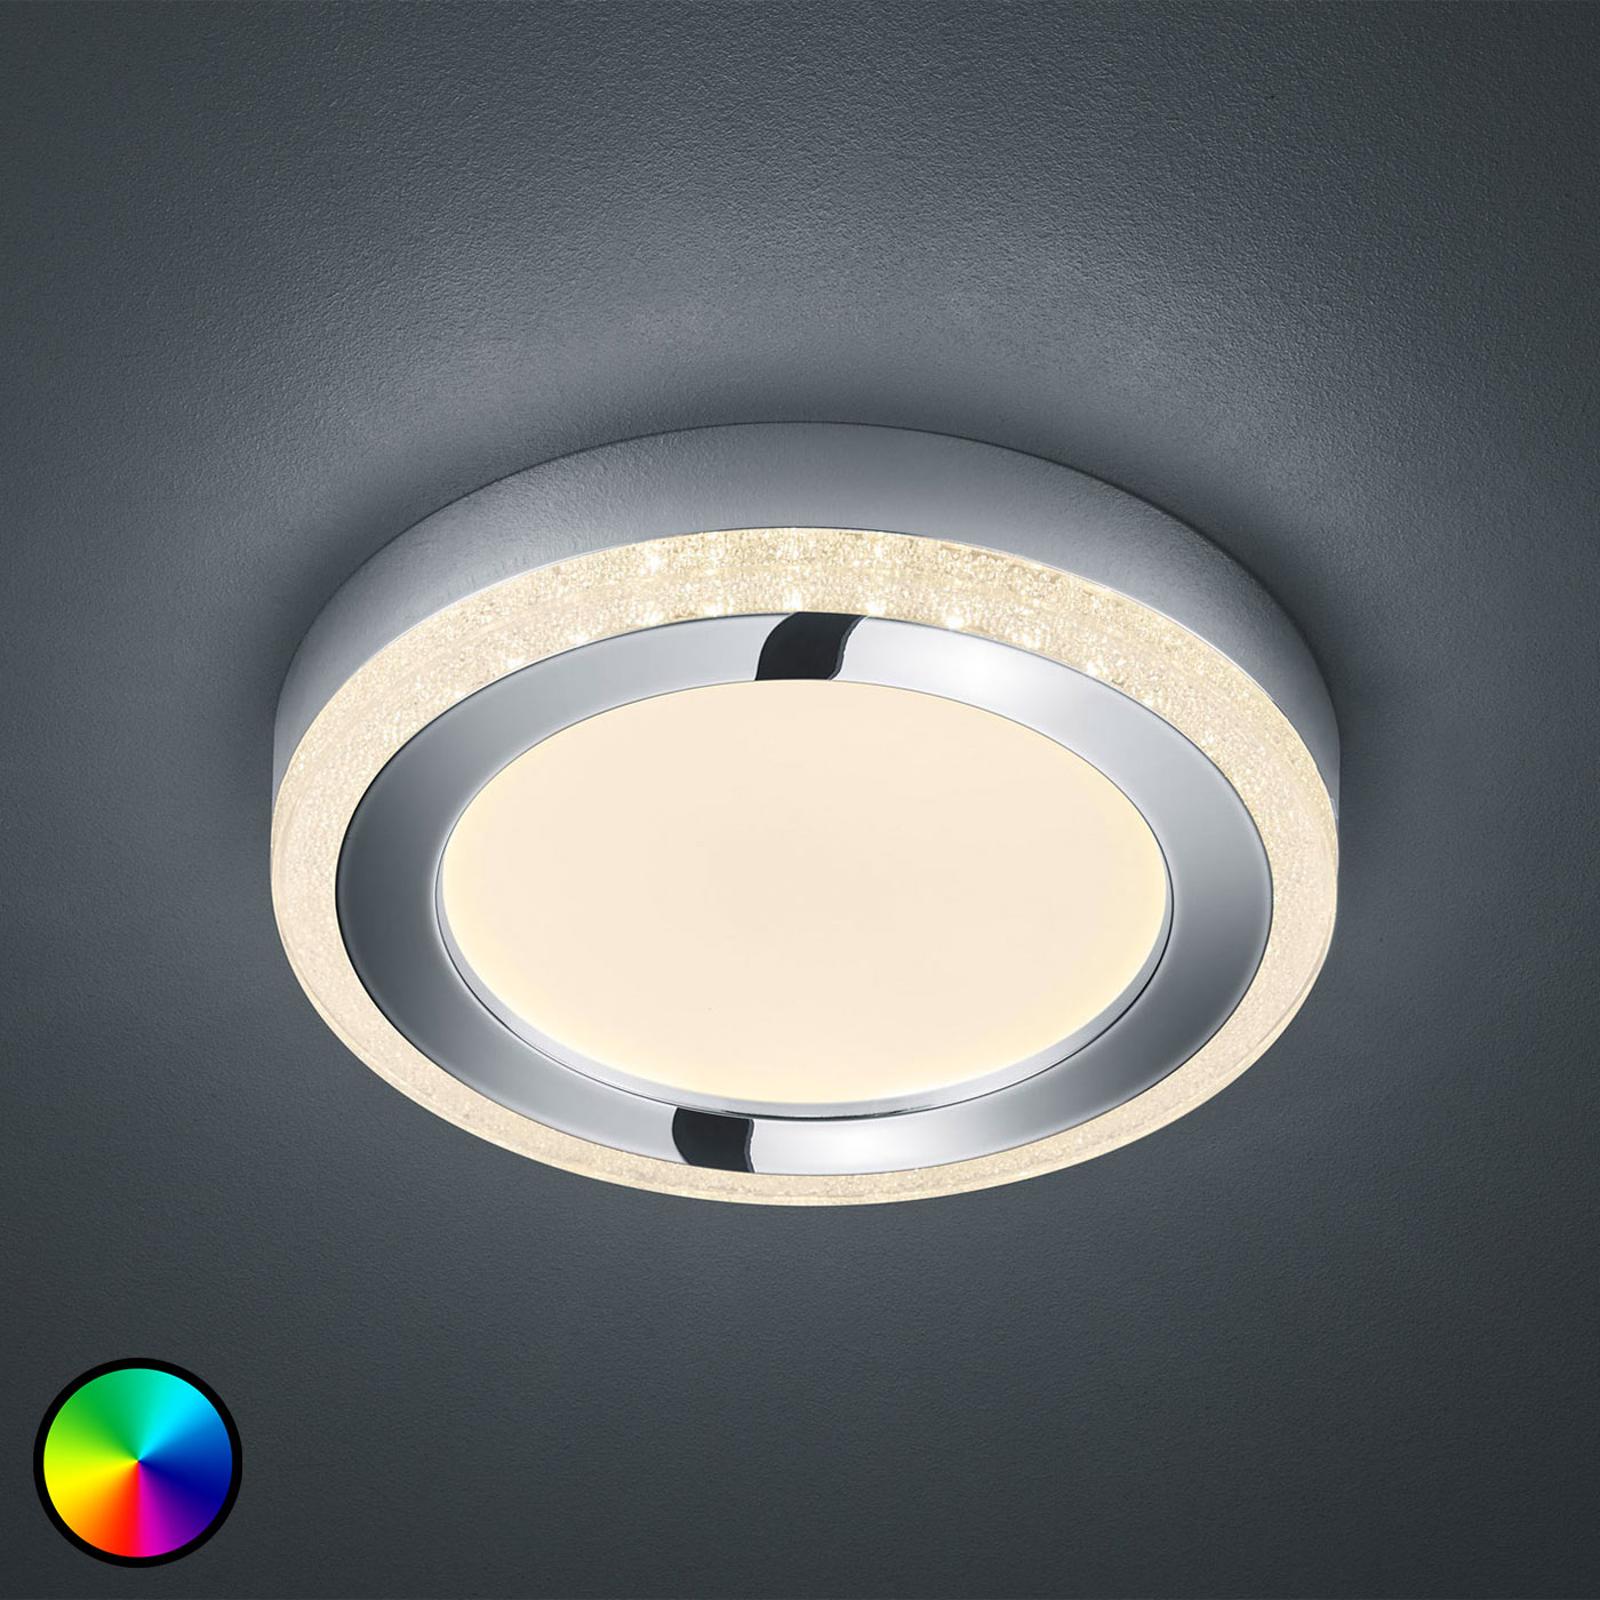 LED-kattovalaisin Slide, valkoinen, pyöreä, Ø 25cm